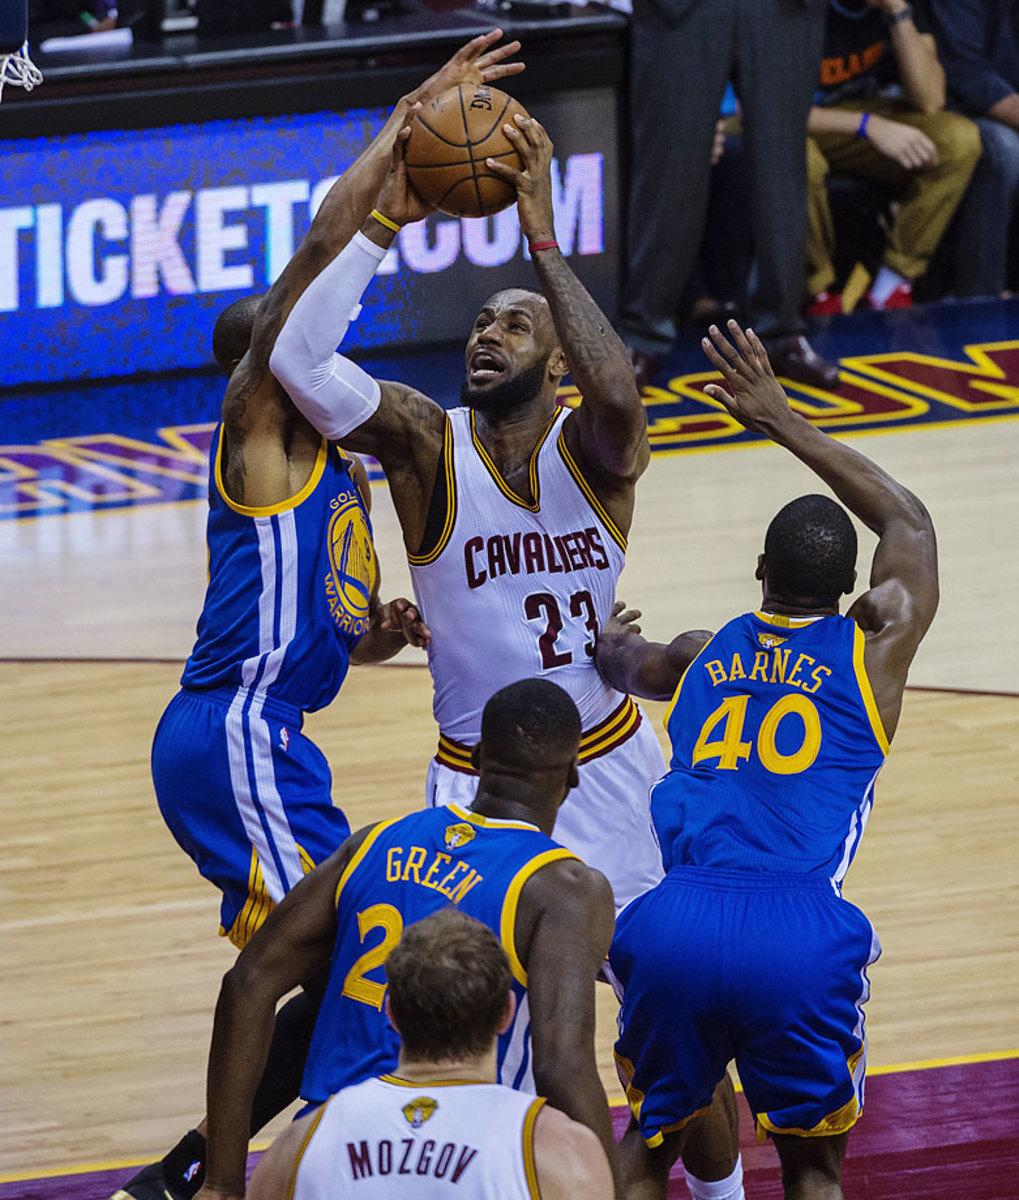 Golden-State-Warriors-win-NBA-title-8.jpg